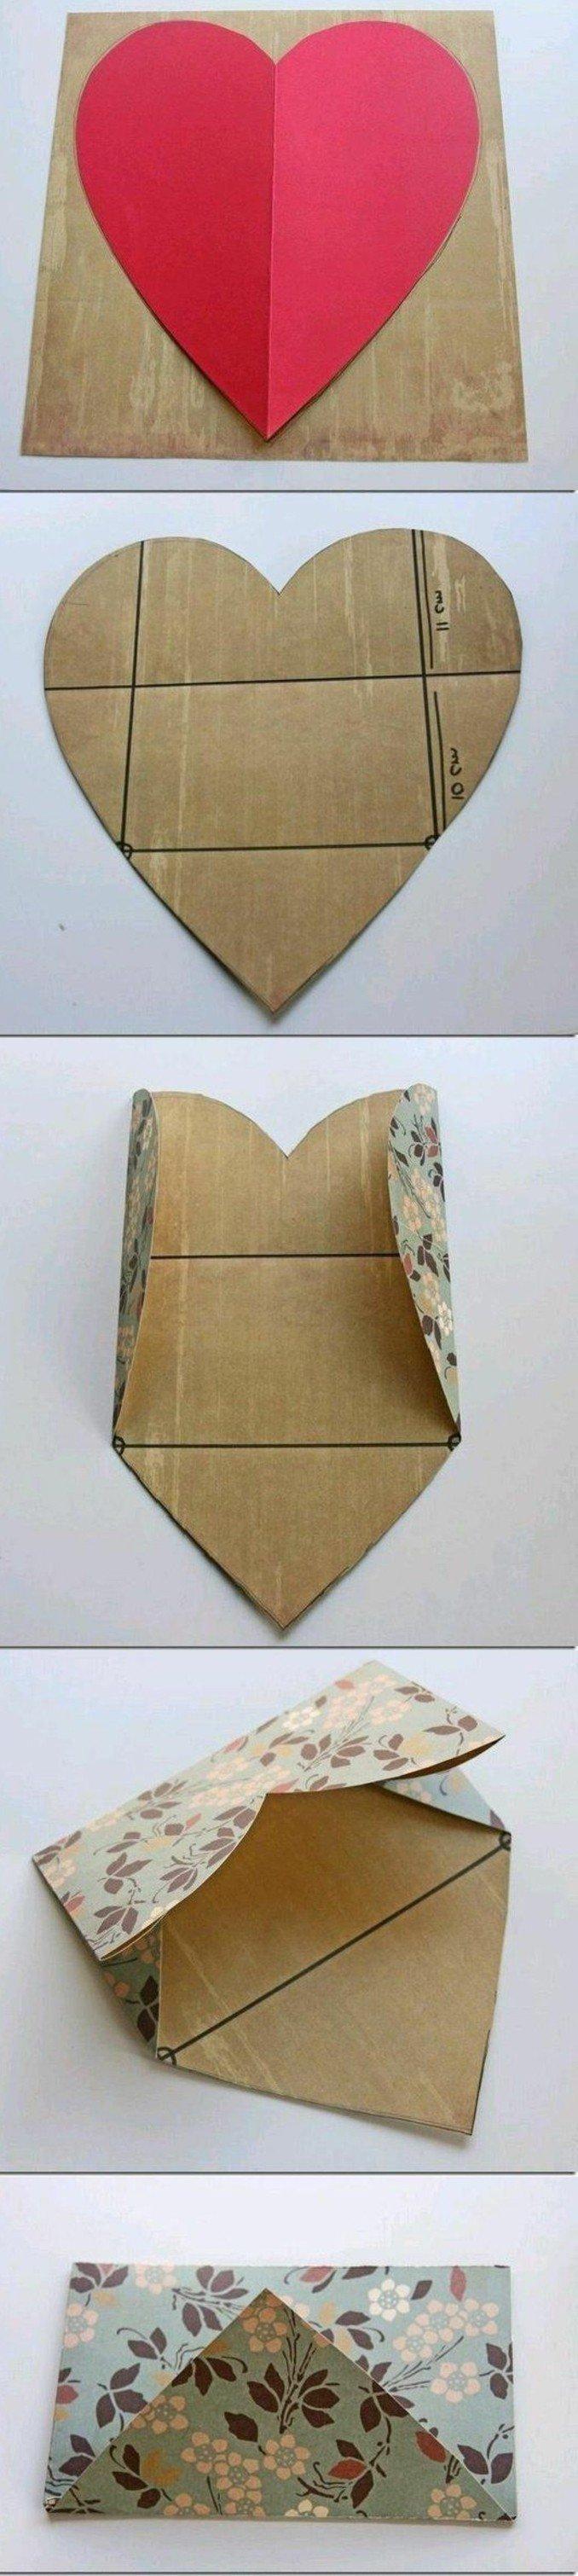 les meilleures id es pour fabriquer une enveloppe charmante soi m me sending love art. Black Bedroom Furniture Sets. Home Design Ideas